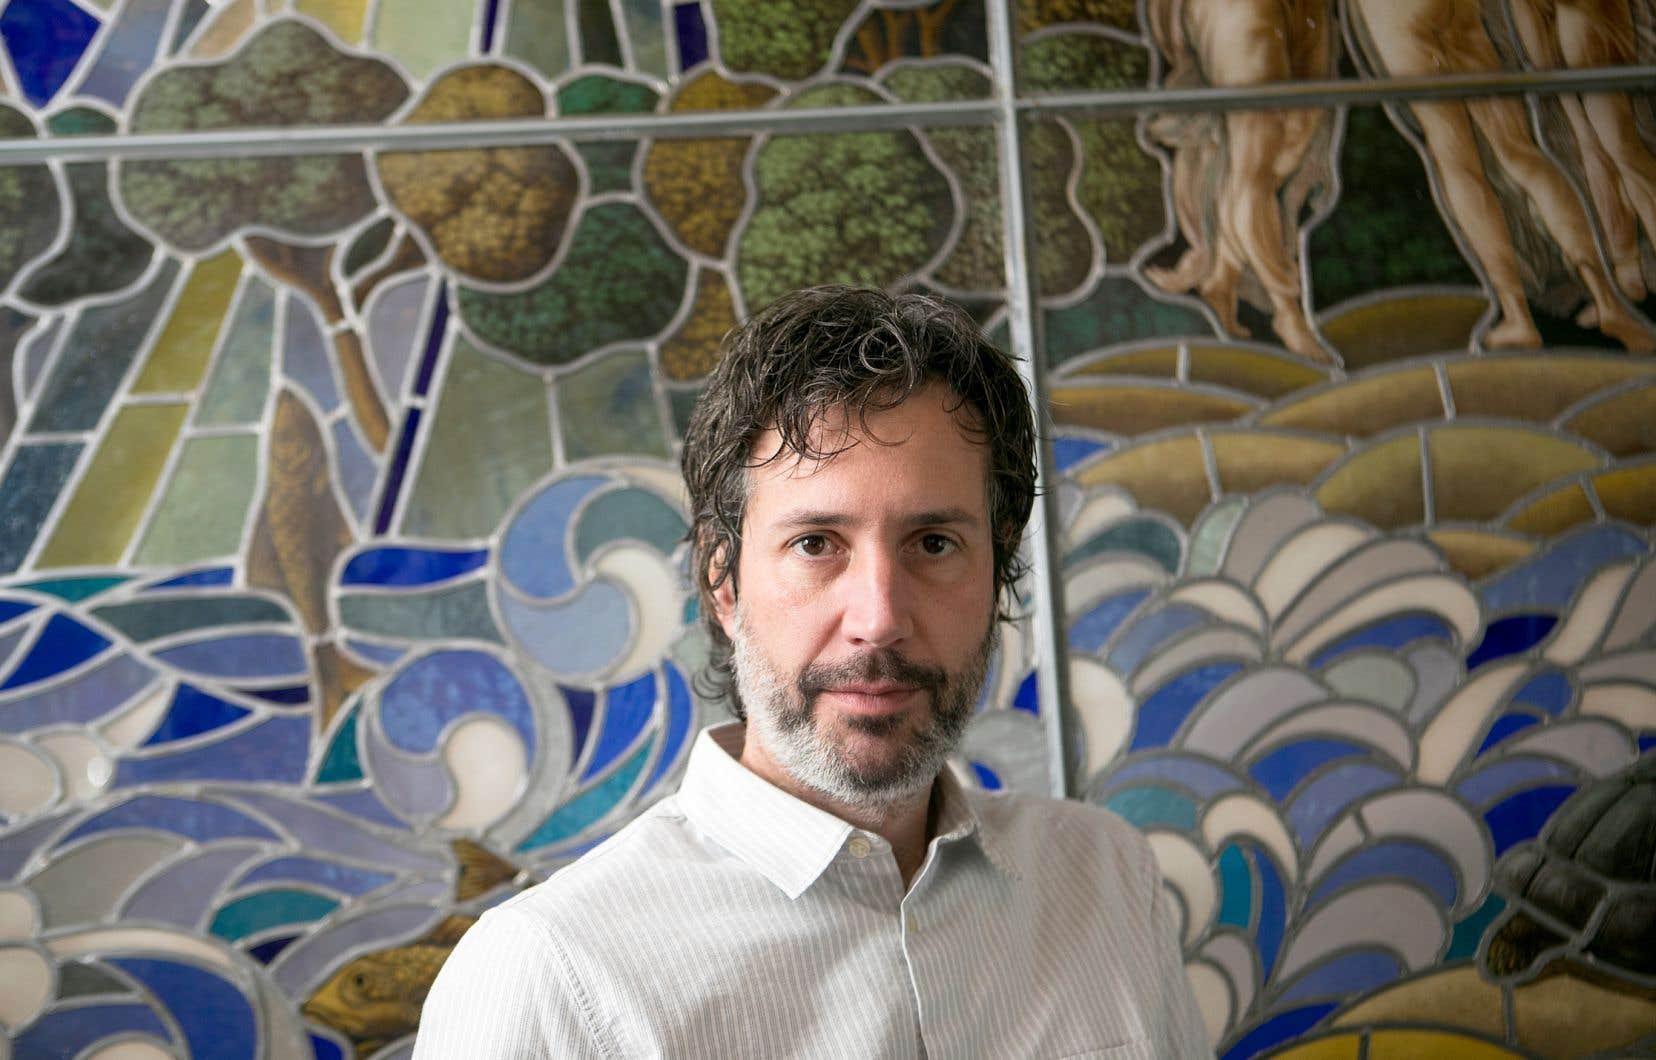 Le réalisateur Antonin Baudry a pris le parti de rester arrimé à la perspective de Chanteraide, l'«oreille d'or» du sous-marin. Un choix qui change tout.